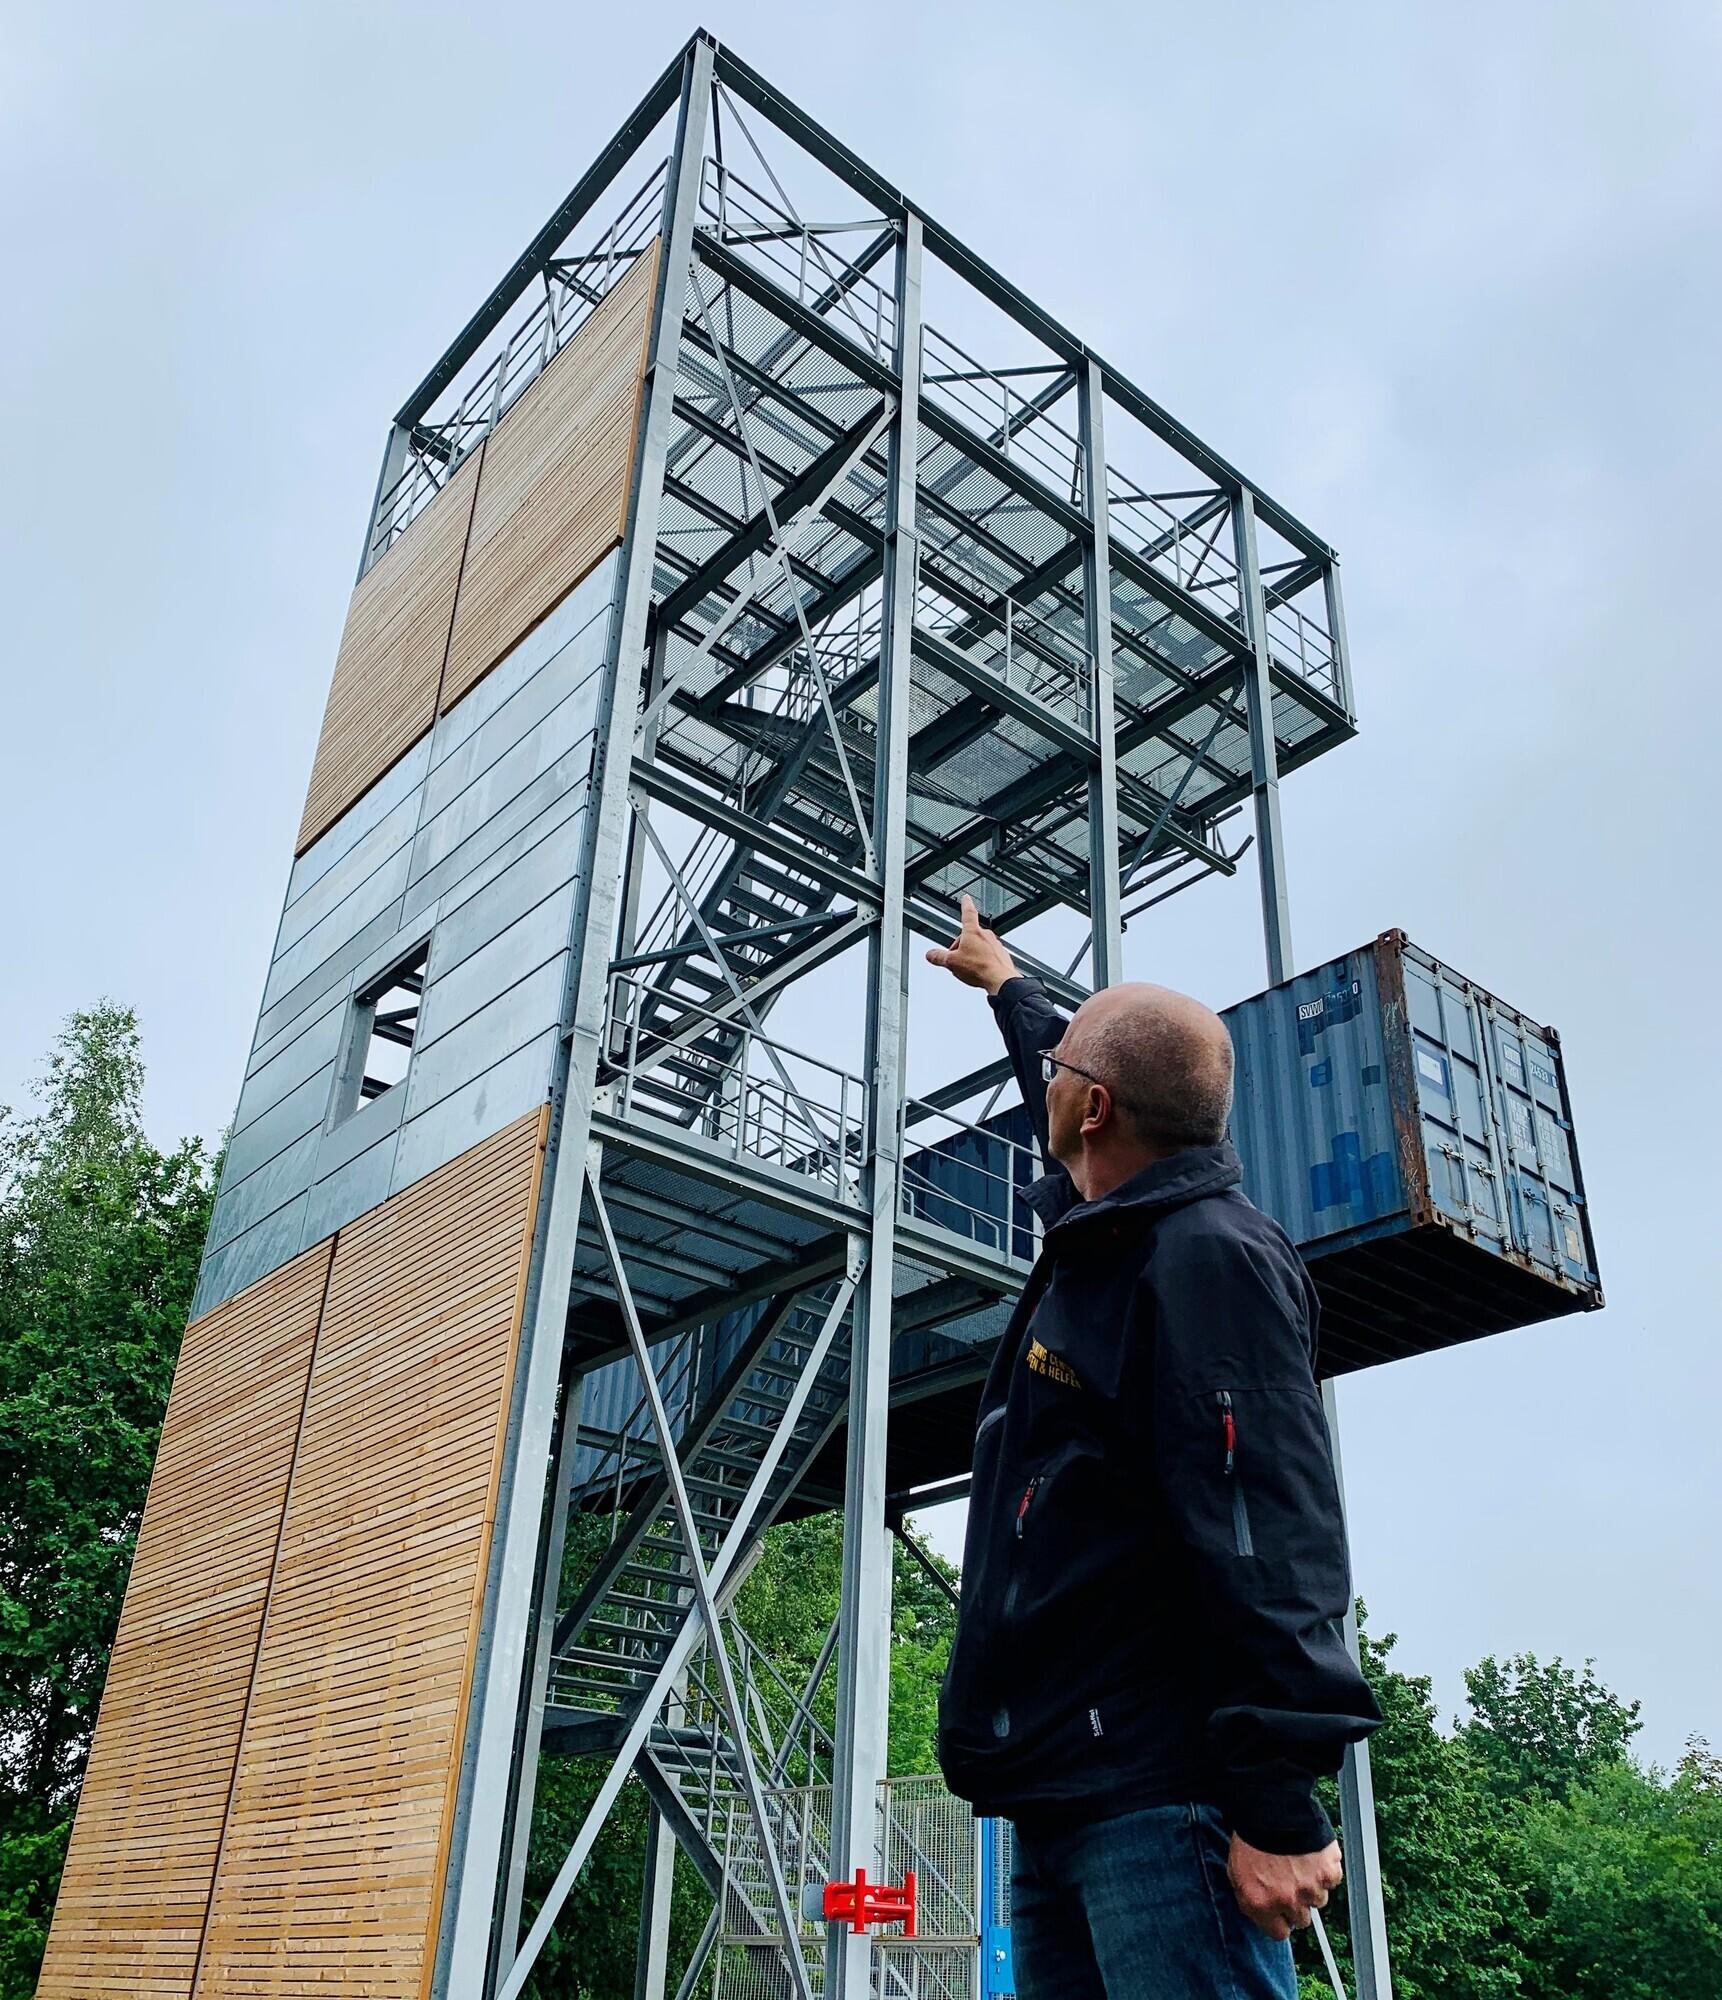 SRHT-Training: Ausbildung von Höhensicherung, Absturz-Sicherung und spezielles Retten aus Höhen und Tiefen